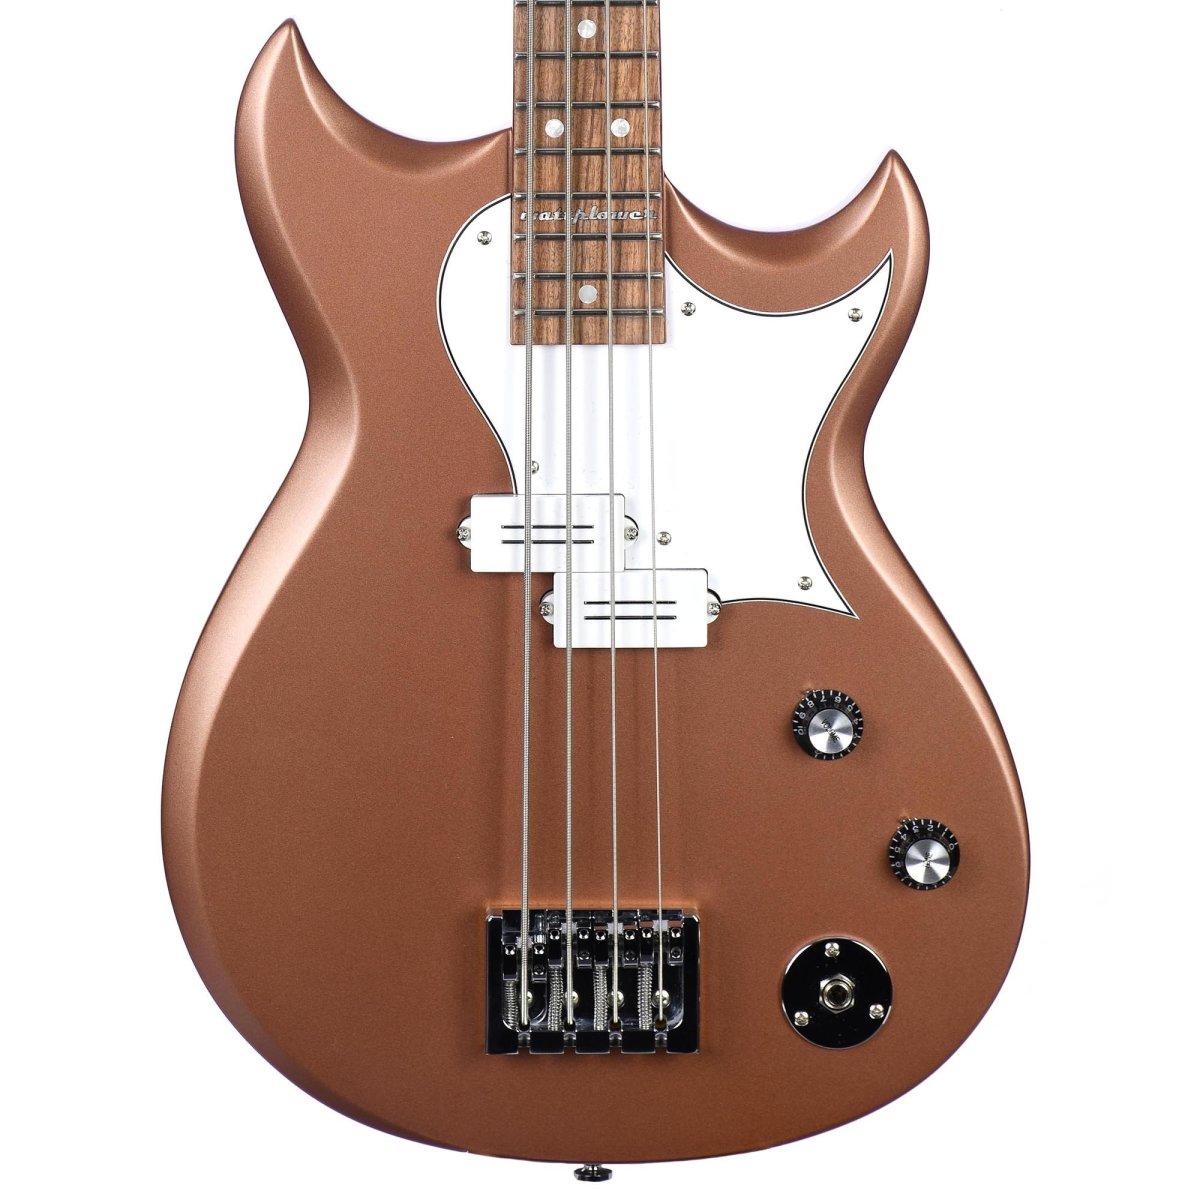 reverend-mike-watt-wattplower-bass-with-tkl-case-satin-metallic-root_1_2000x